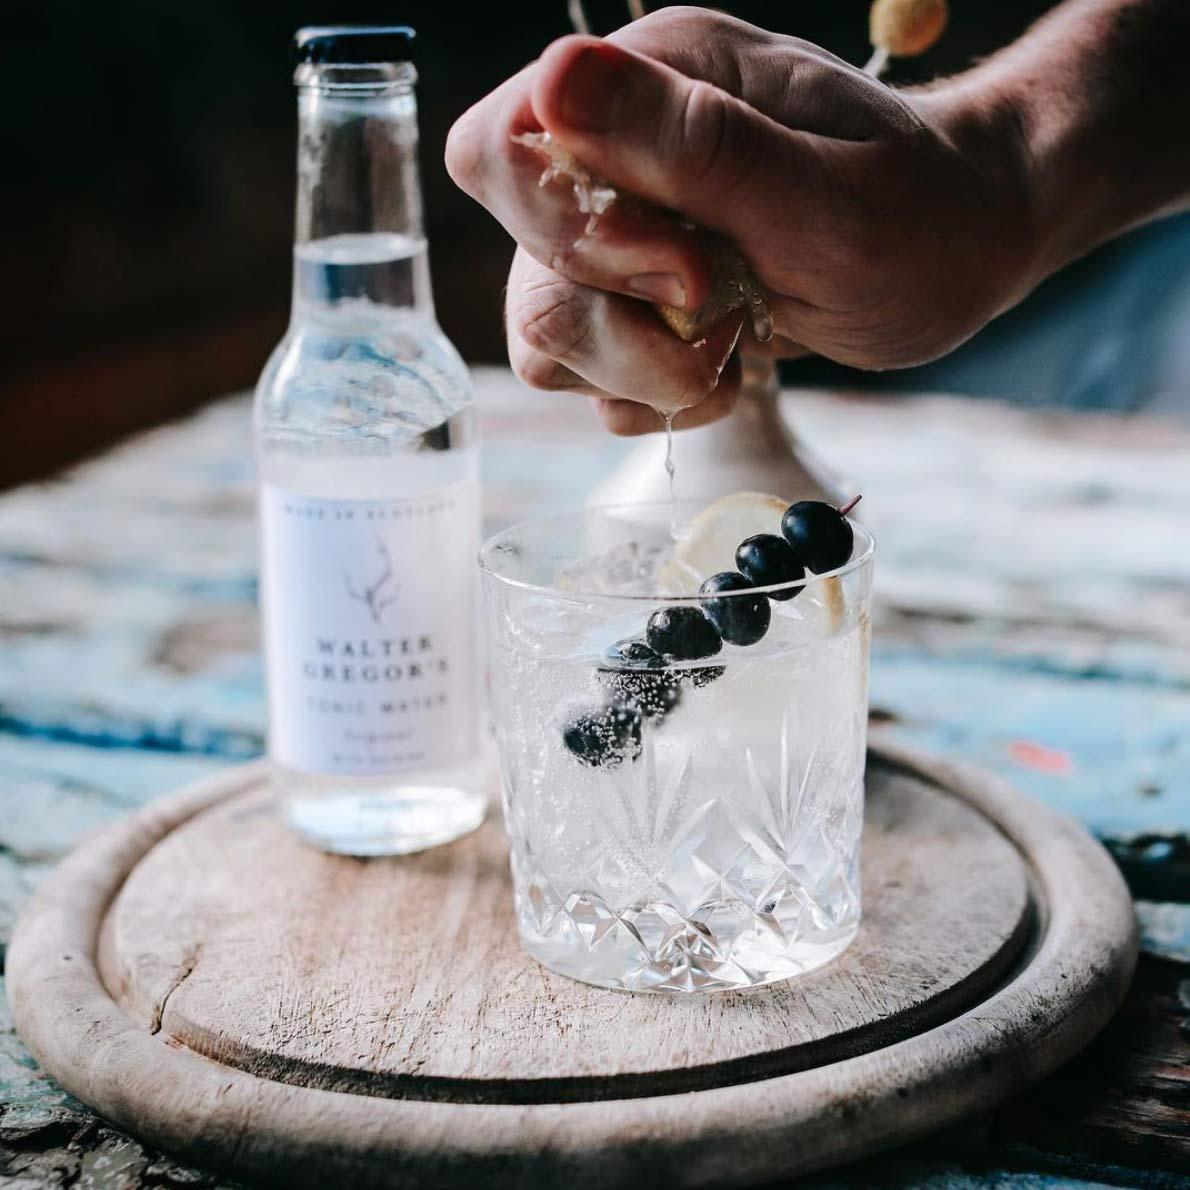 Walter Gregor's Tonic Water